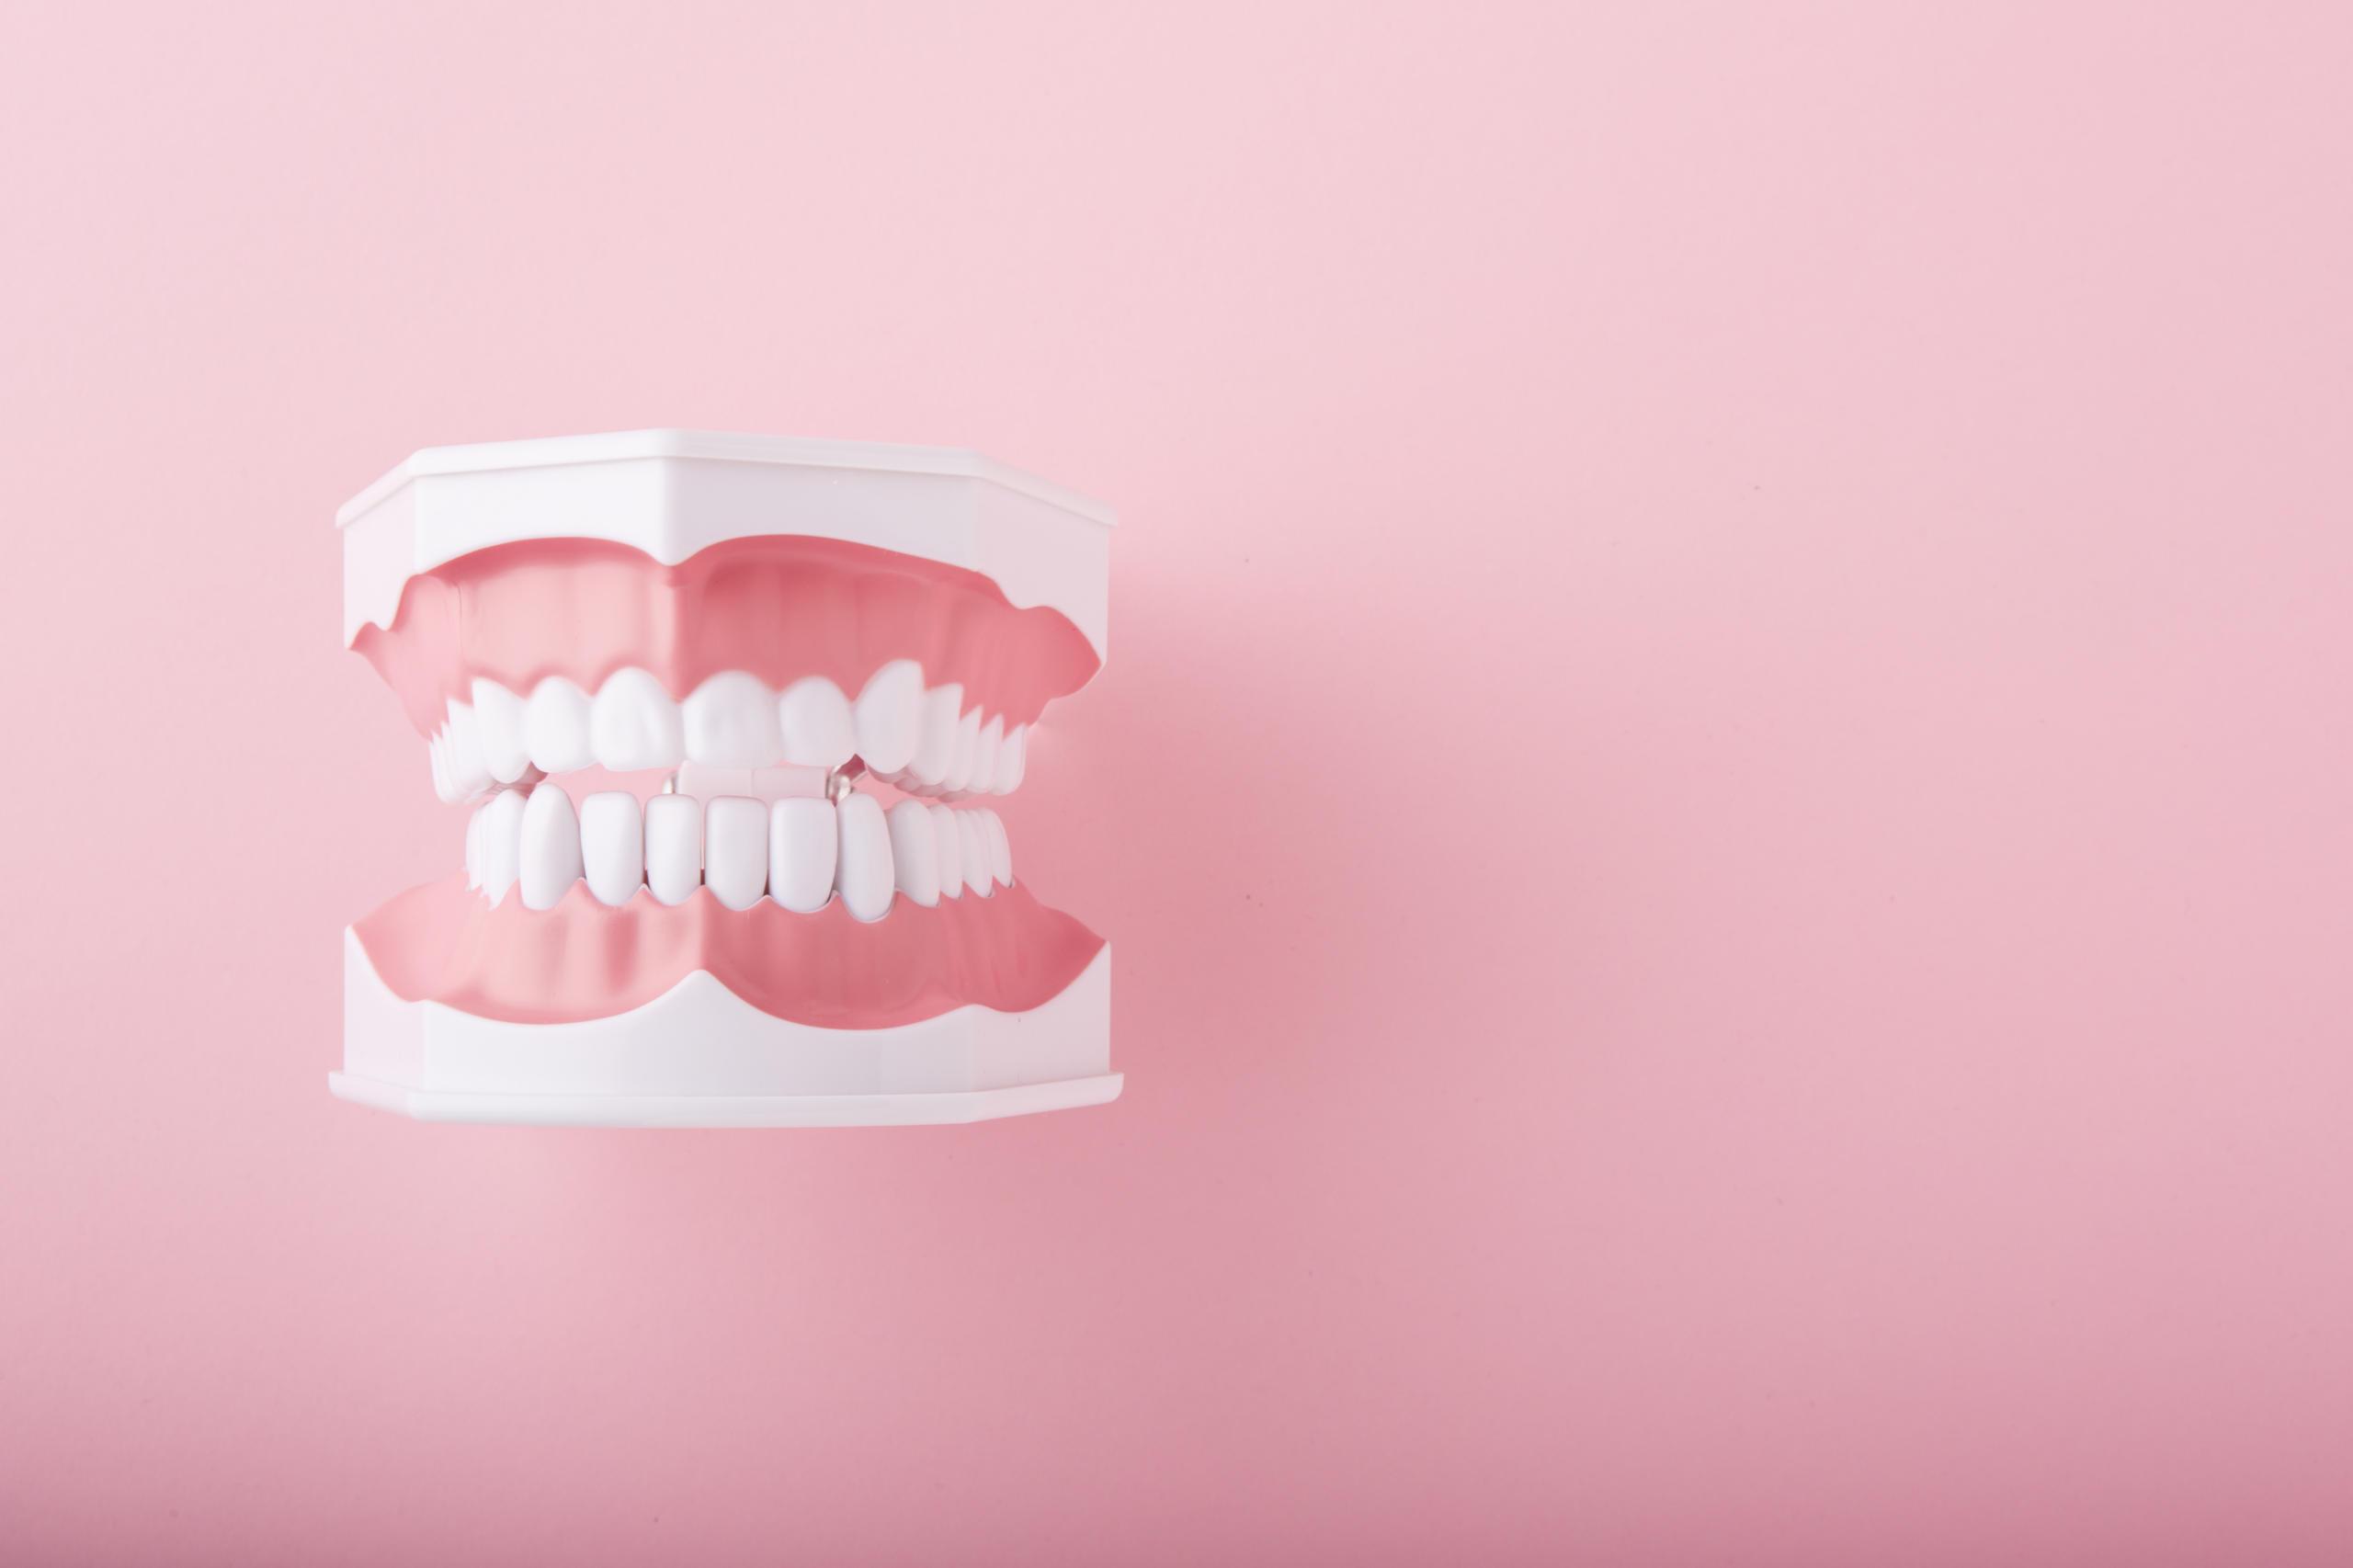 「歯がかゆい、歯茎がムズムズする」は歯茎の炎症のサイン!対処法は?